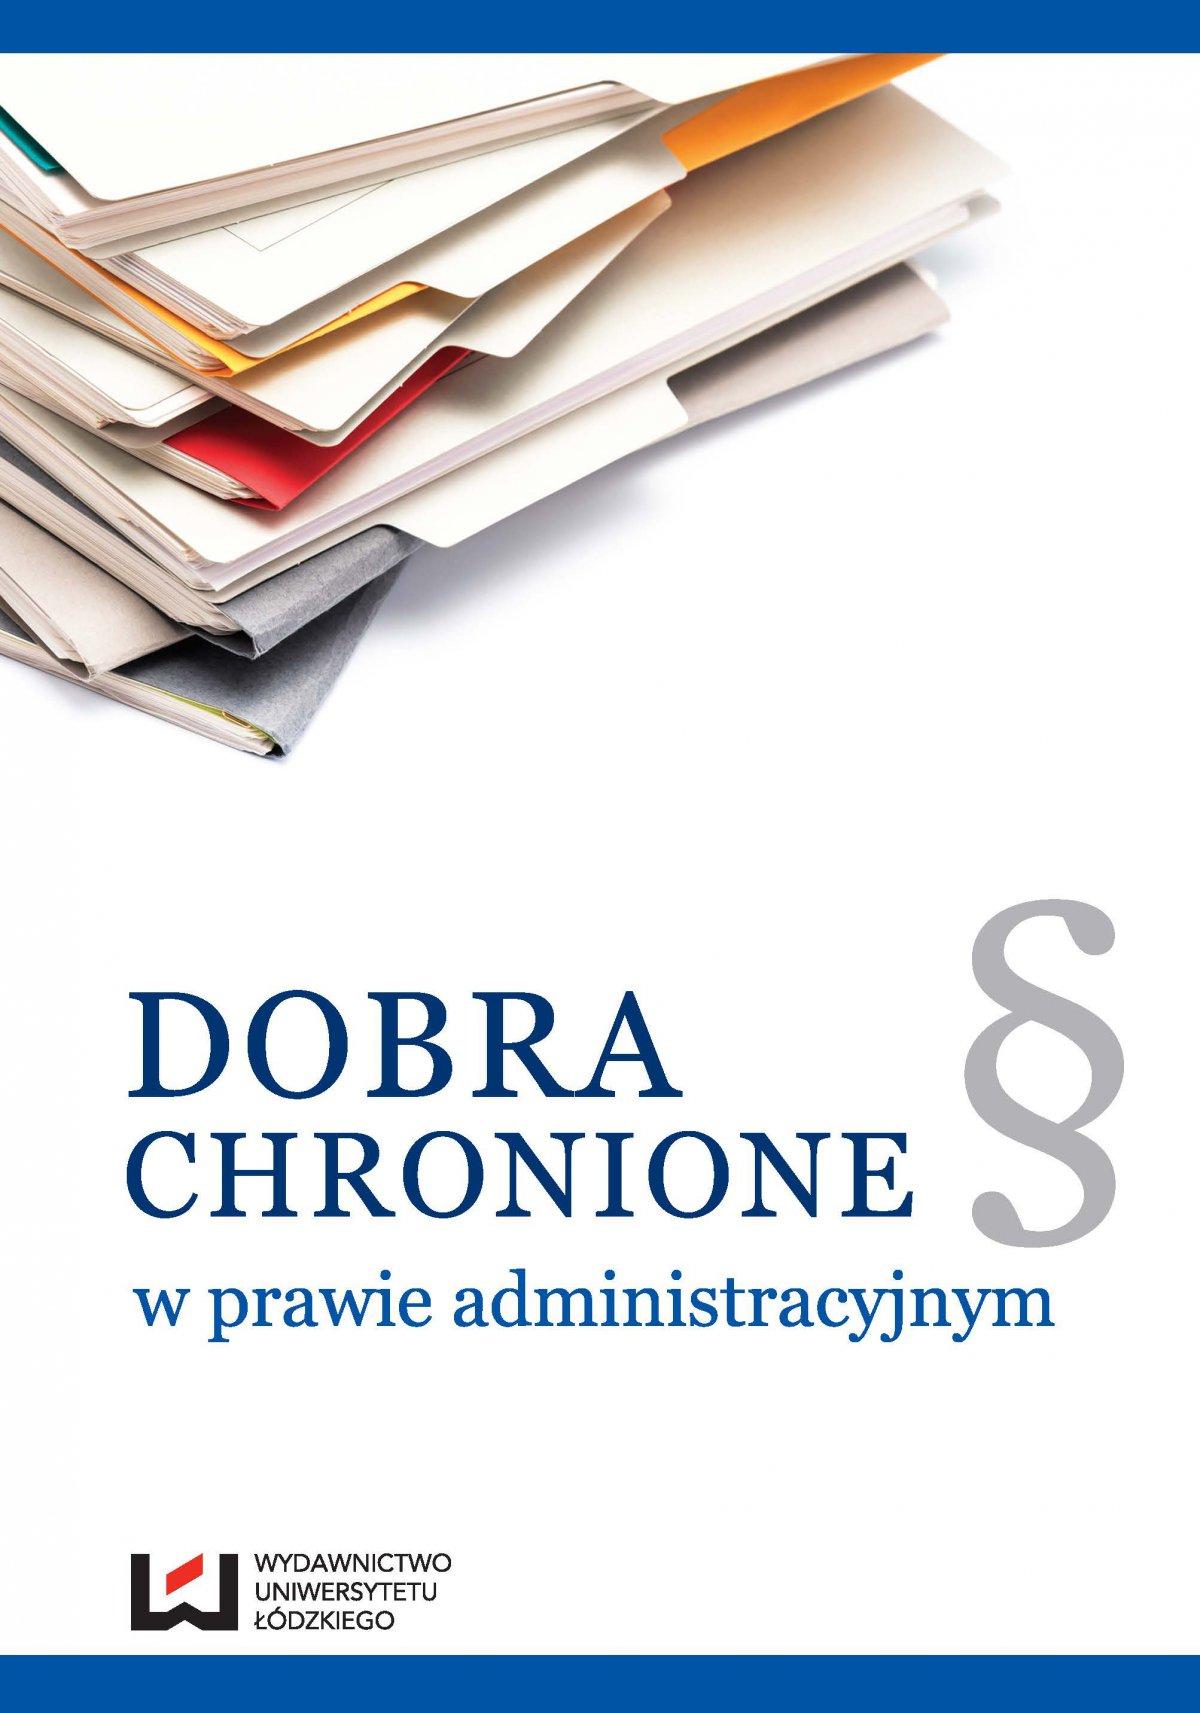 Dobra chronione w prawie administracyjnym - Ebook (Książka PDF) do pobrania w formacie PDF